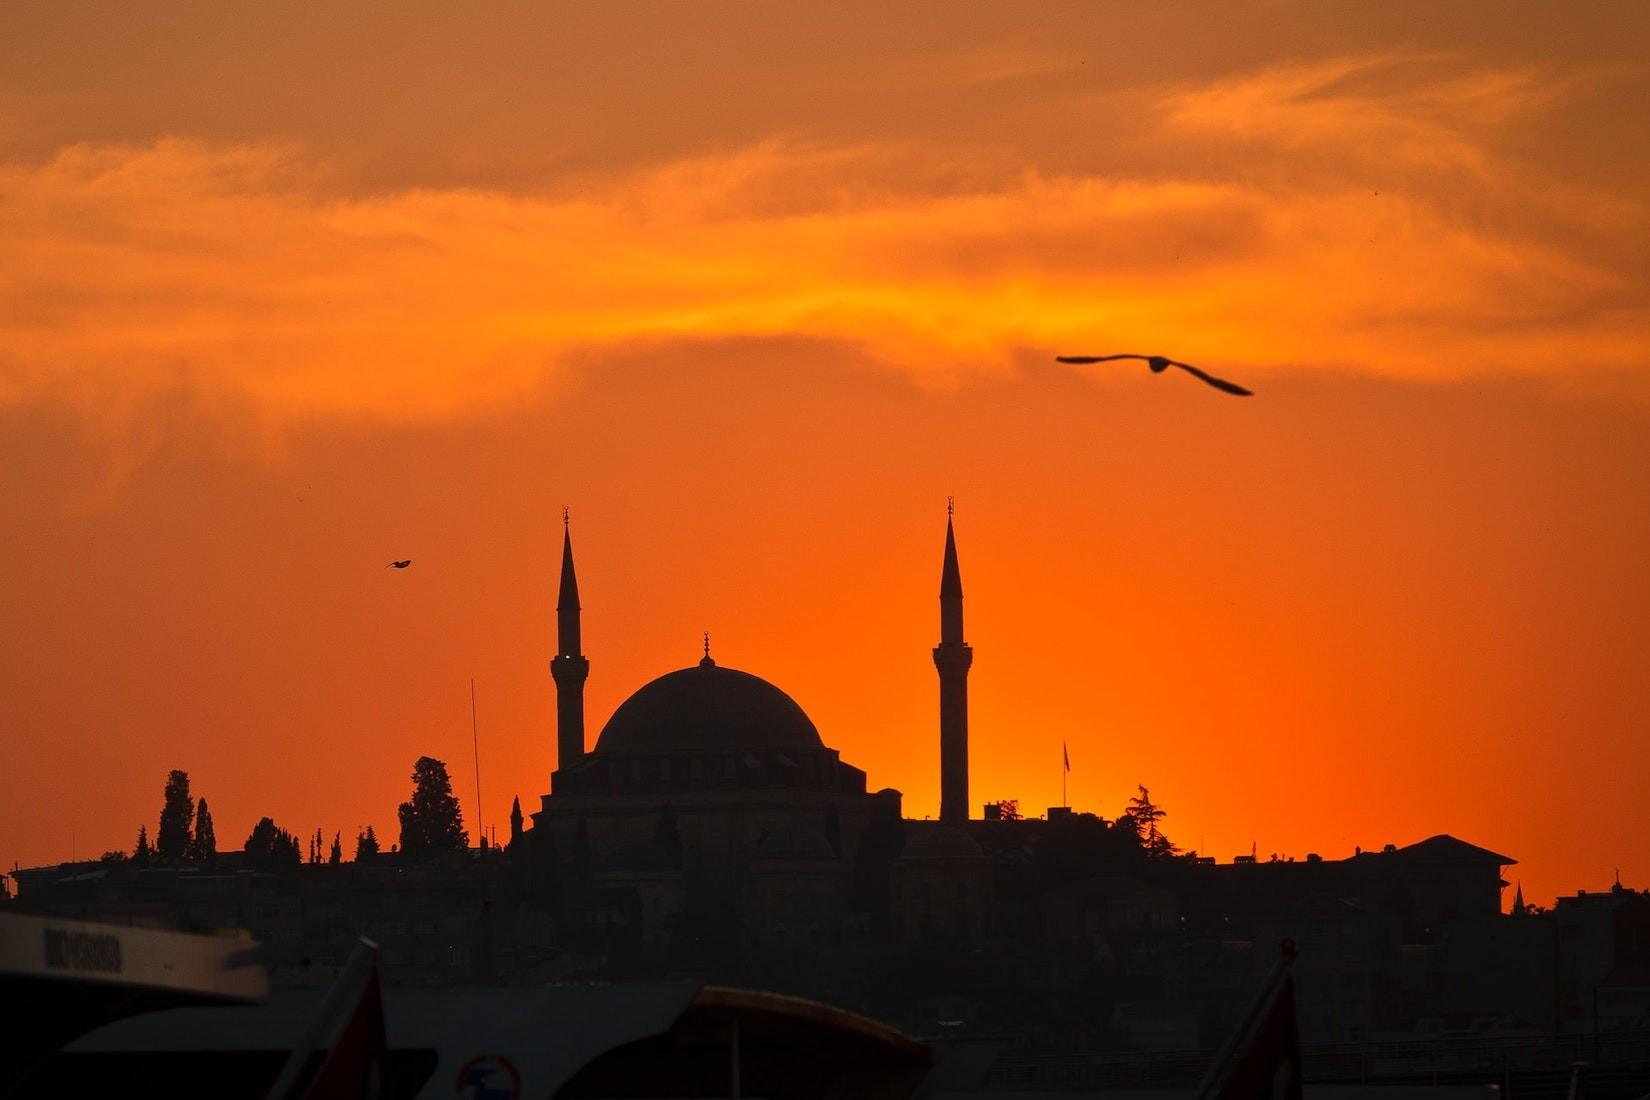 Moschee_unsplash